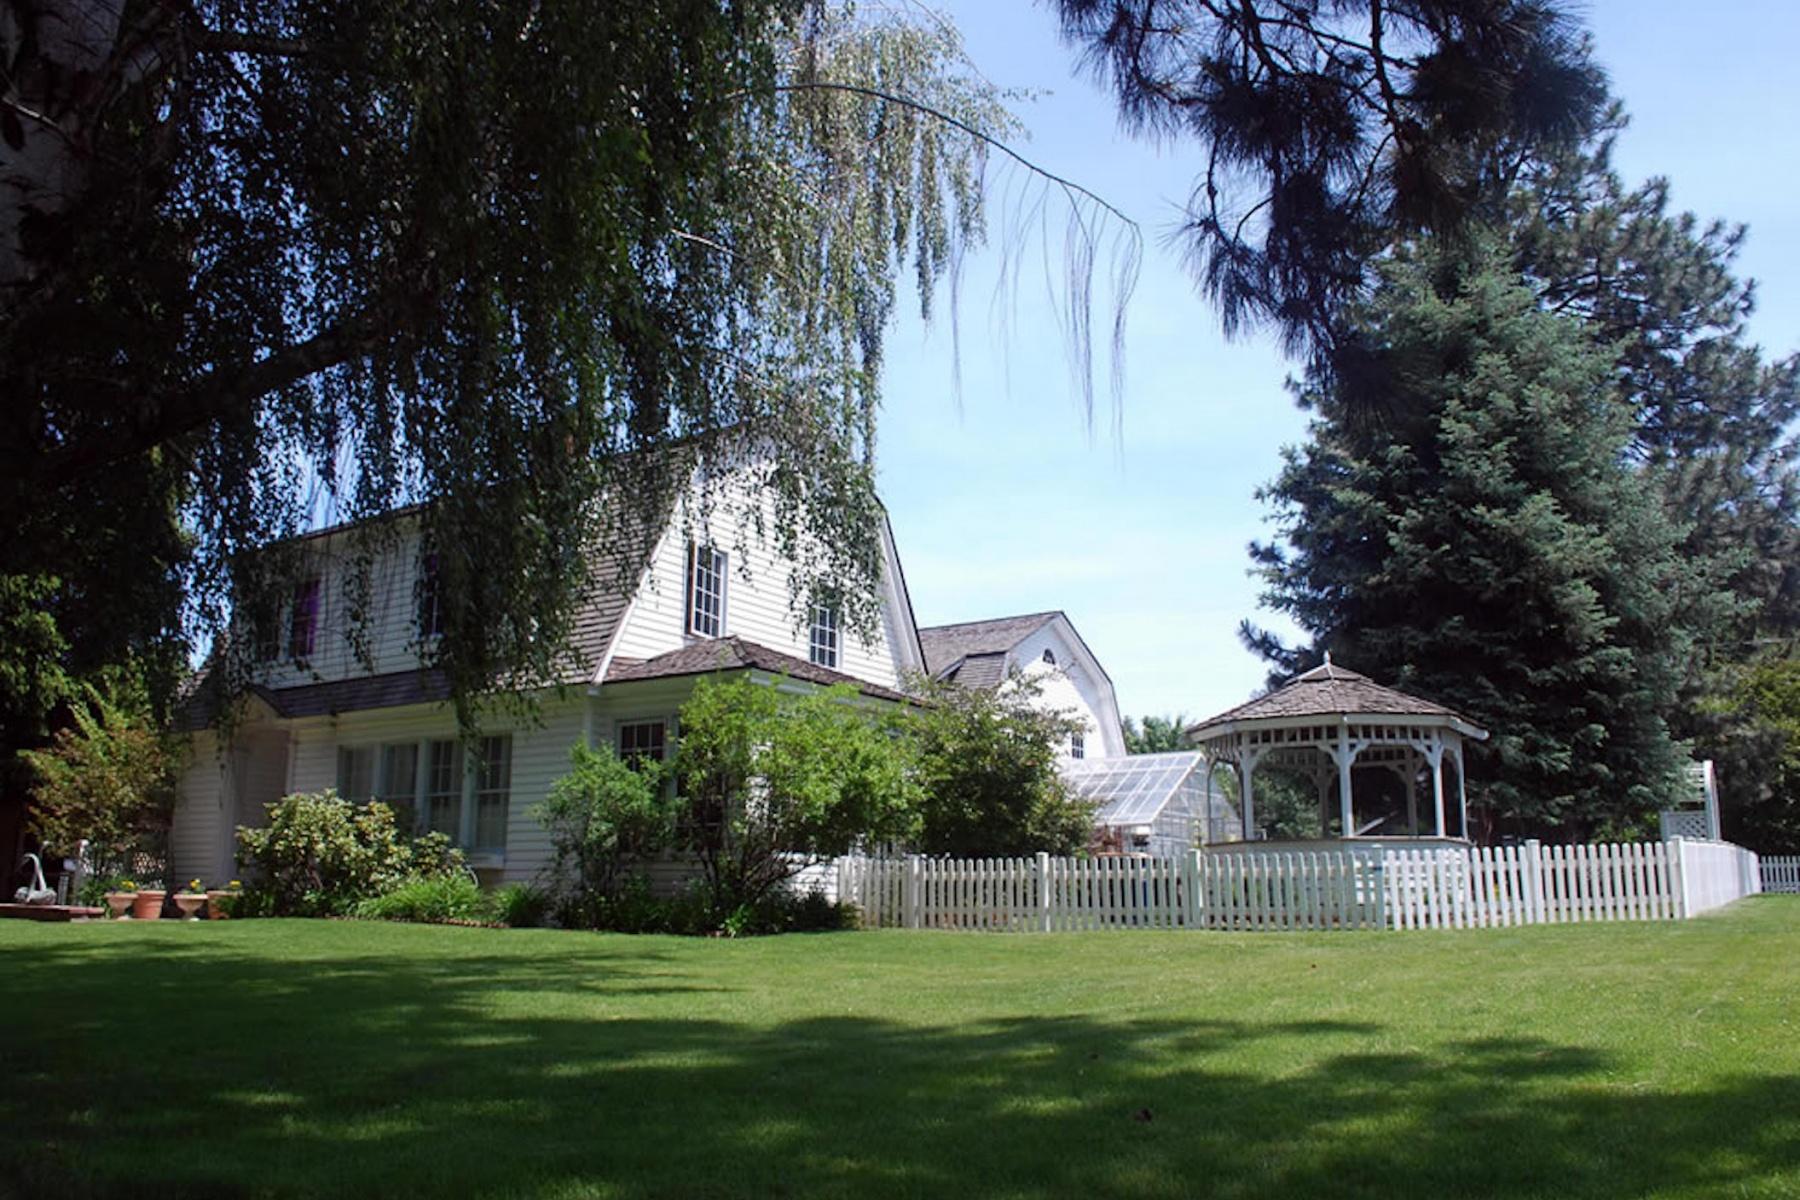 Maison unifamiliale pour l Vente à Historic Bend Riverside Home 708 NW Riverside Blvd Bend, Oregon, 97703 États-Unis